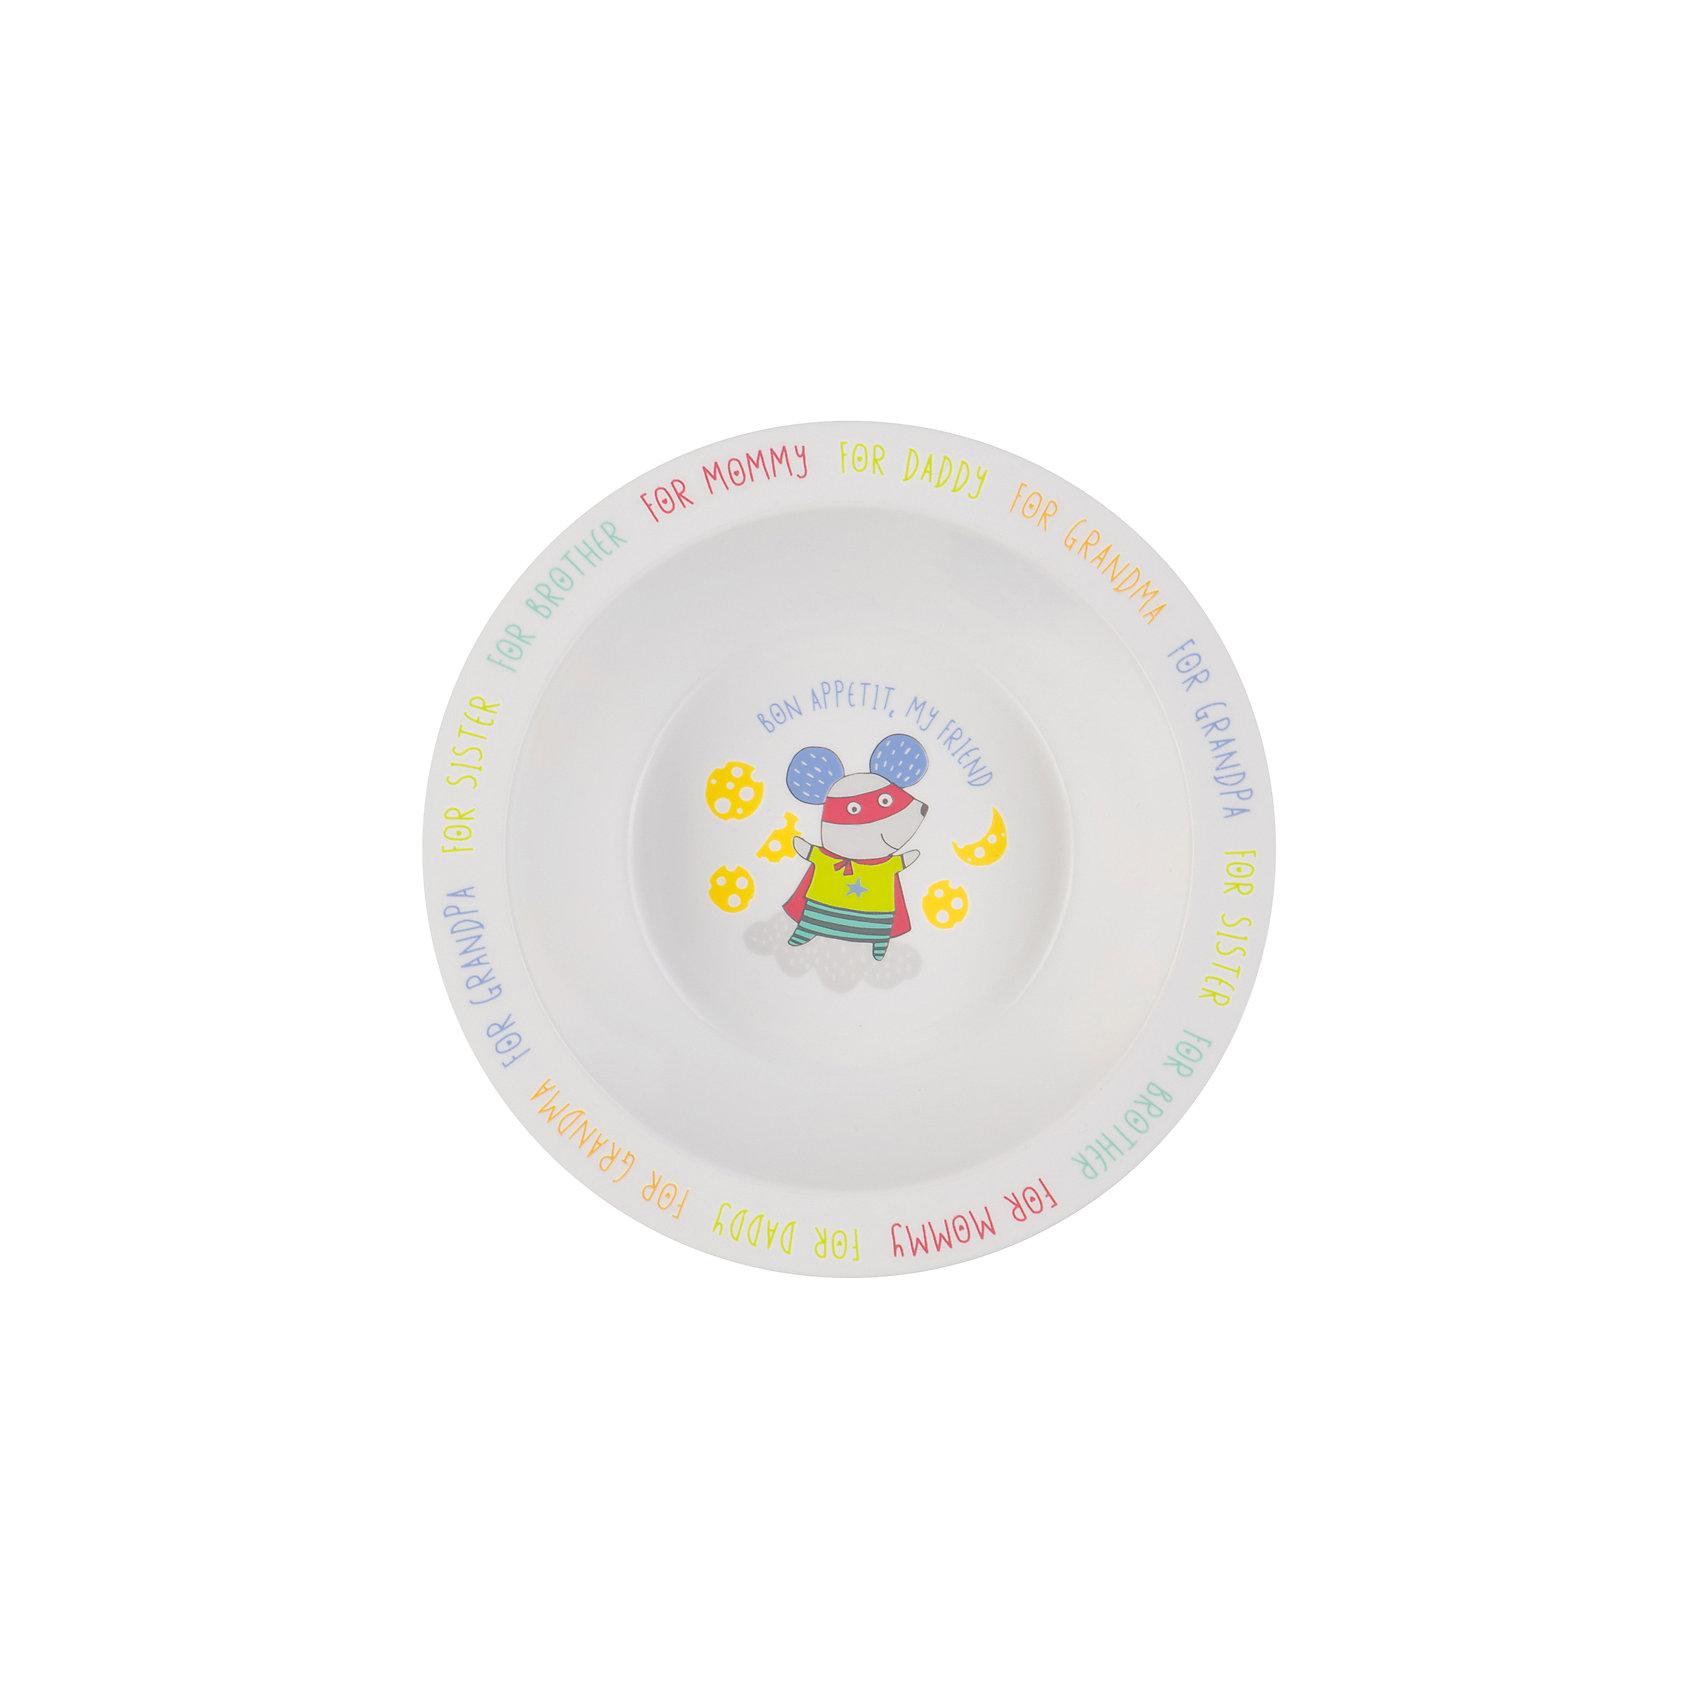 Тарелка глубокая Mouse, Happy BabyПосуда для малышей<br>Глубокая тарелочка Mouse, Happy Baby прекрасно подойдёт для первого прикорма и самостоятельных приёмов пищи. Качественный и прочный материал не позволит тарелочке разбиться при случайном падении, а широкие края делают её более удобной для использования. Забавный рисунок на дне тарелки поможет маме заинтересовать ребёнка во время кормления. Тарелка глубокая Mouse, Happy Baby помогает малыша есть из посуды для взрослых; не бьется при случайном падении.  Имеет широкие края , глубокая, а забавный рисунок на дне поможет заинтересовать ребенка.<br><br>Дополнительная информация: <br><br>- материал : полипропилен, термопластичный эластомер<br>- дизайн: животные<br>- диаметр: 16,5 см<br>- высота, 6 см<br>- цвет белый, бирюзовый, собака<br>- размеры, 165 * 60 * 60 мм<br>- размер упаковки (ДхШхВ), 22 * 15 * 6  см<br>- вес в упаковке, 85 г<br><br>Тарелку глубокую Mouse, Happy Baby можно купить в нашем интернет-магазине.<br><br>Ширина мм: 50<br>Глубина мм: 165<br>Высота мм: 210<br>Вес г: 58<br>Возраст от месяцев: 6<br>Возраст до месяцев: 18<br>Пол: Унисекс<br>Возраст: Детский<br>SKU: 4696836